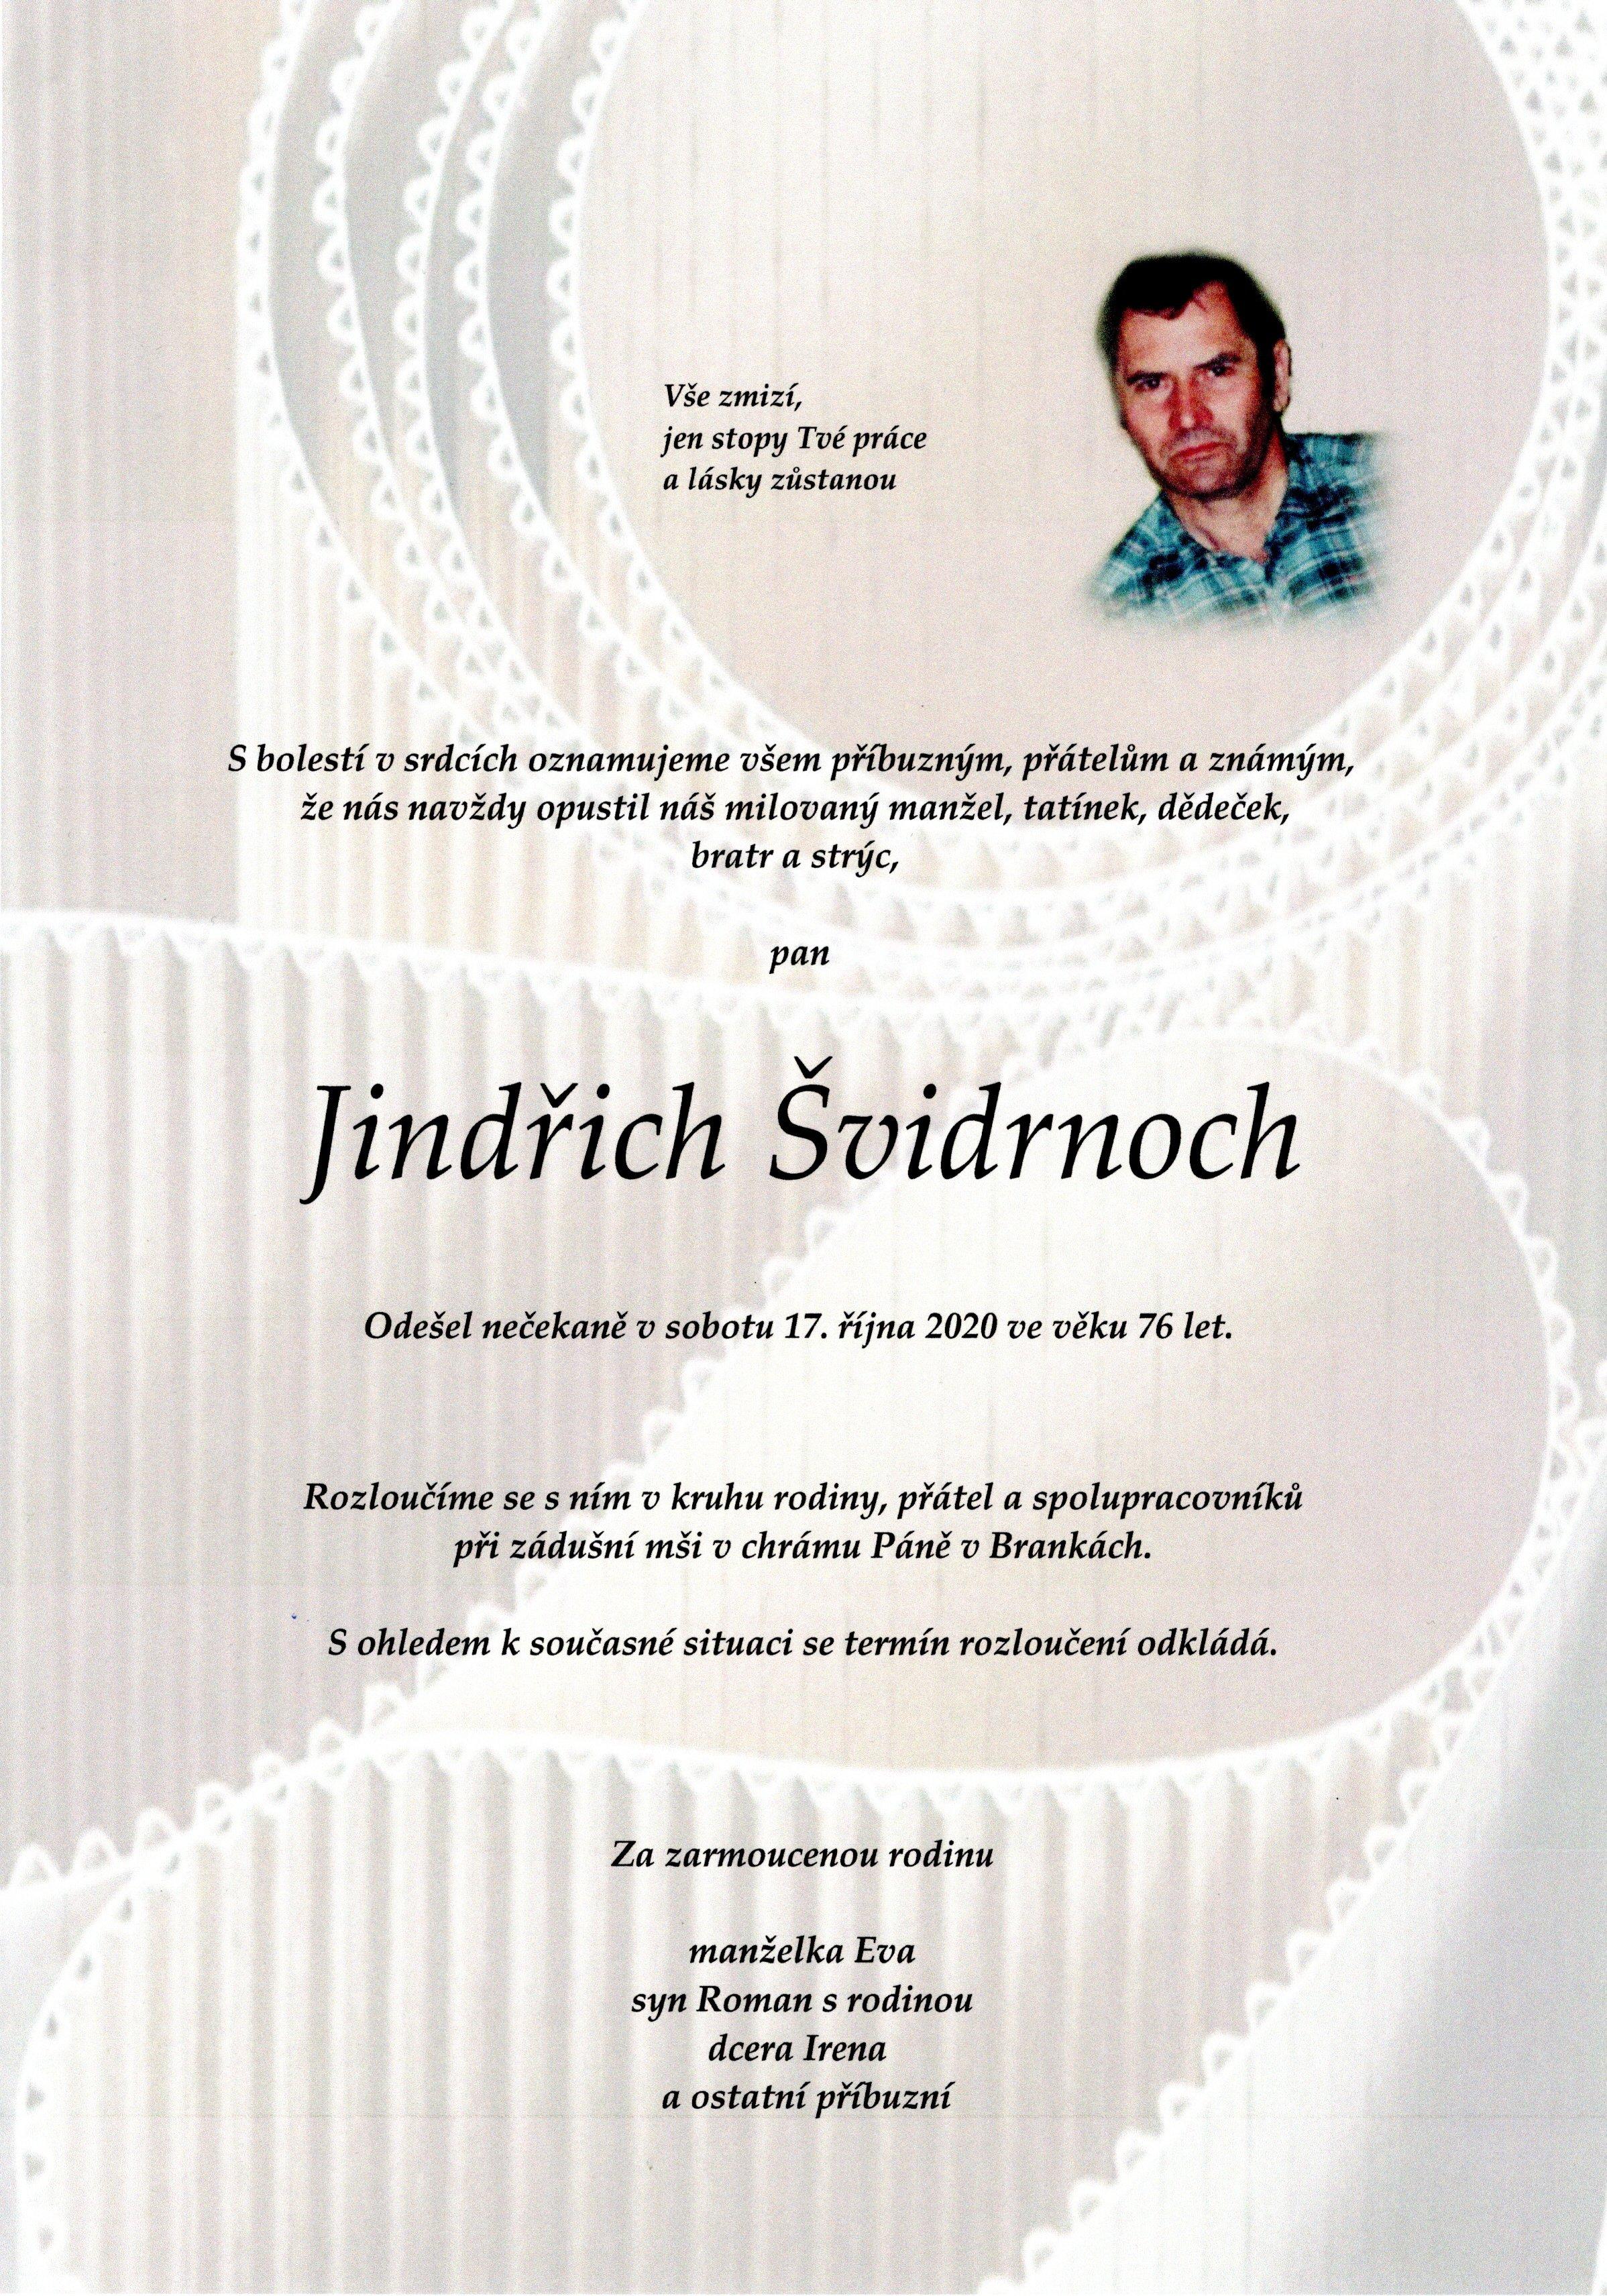 Jindřich Švidrnoch